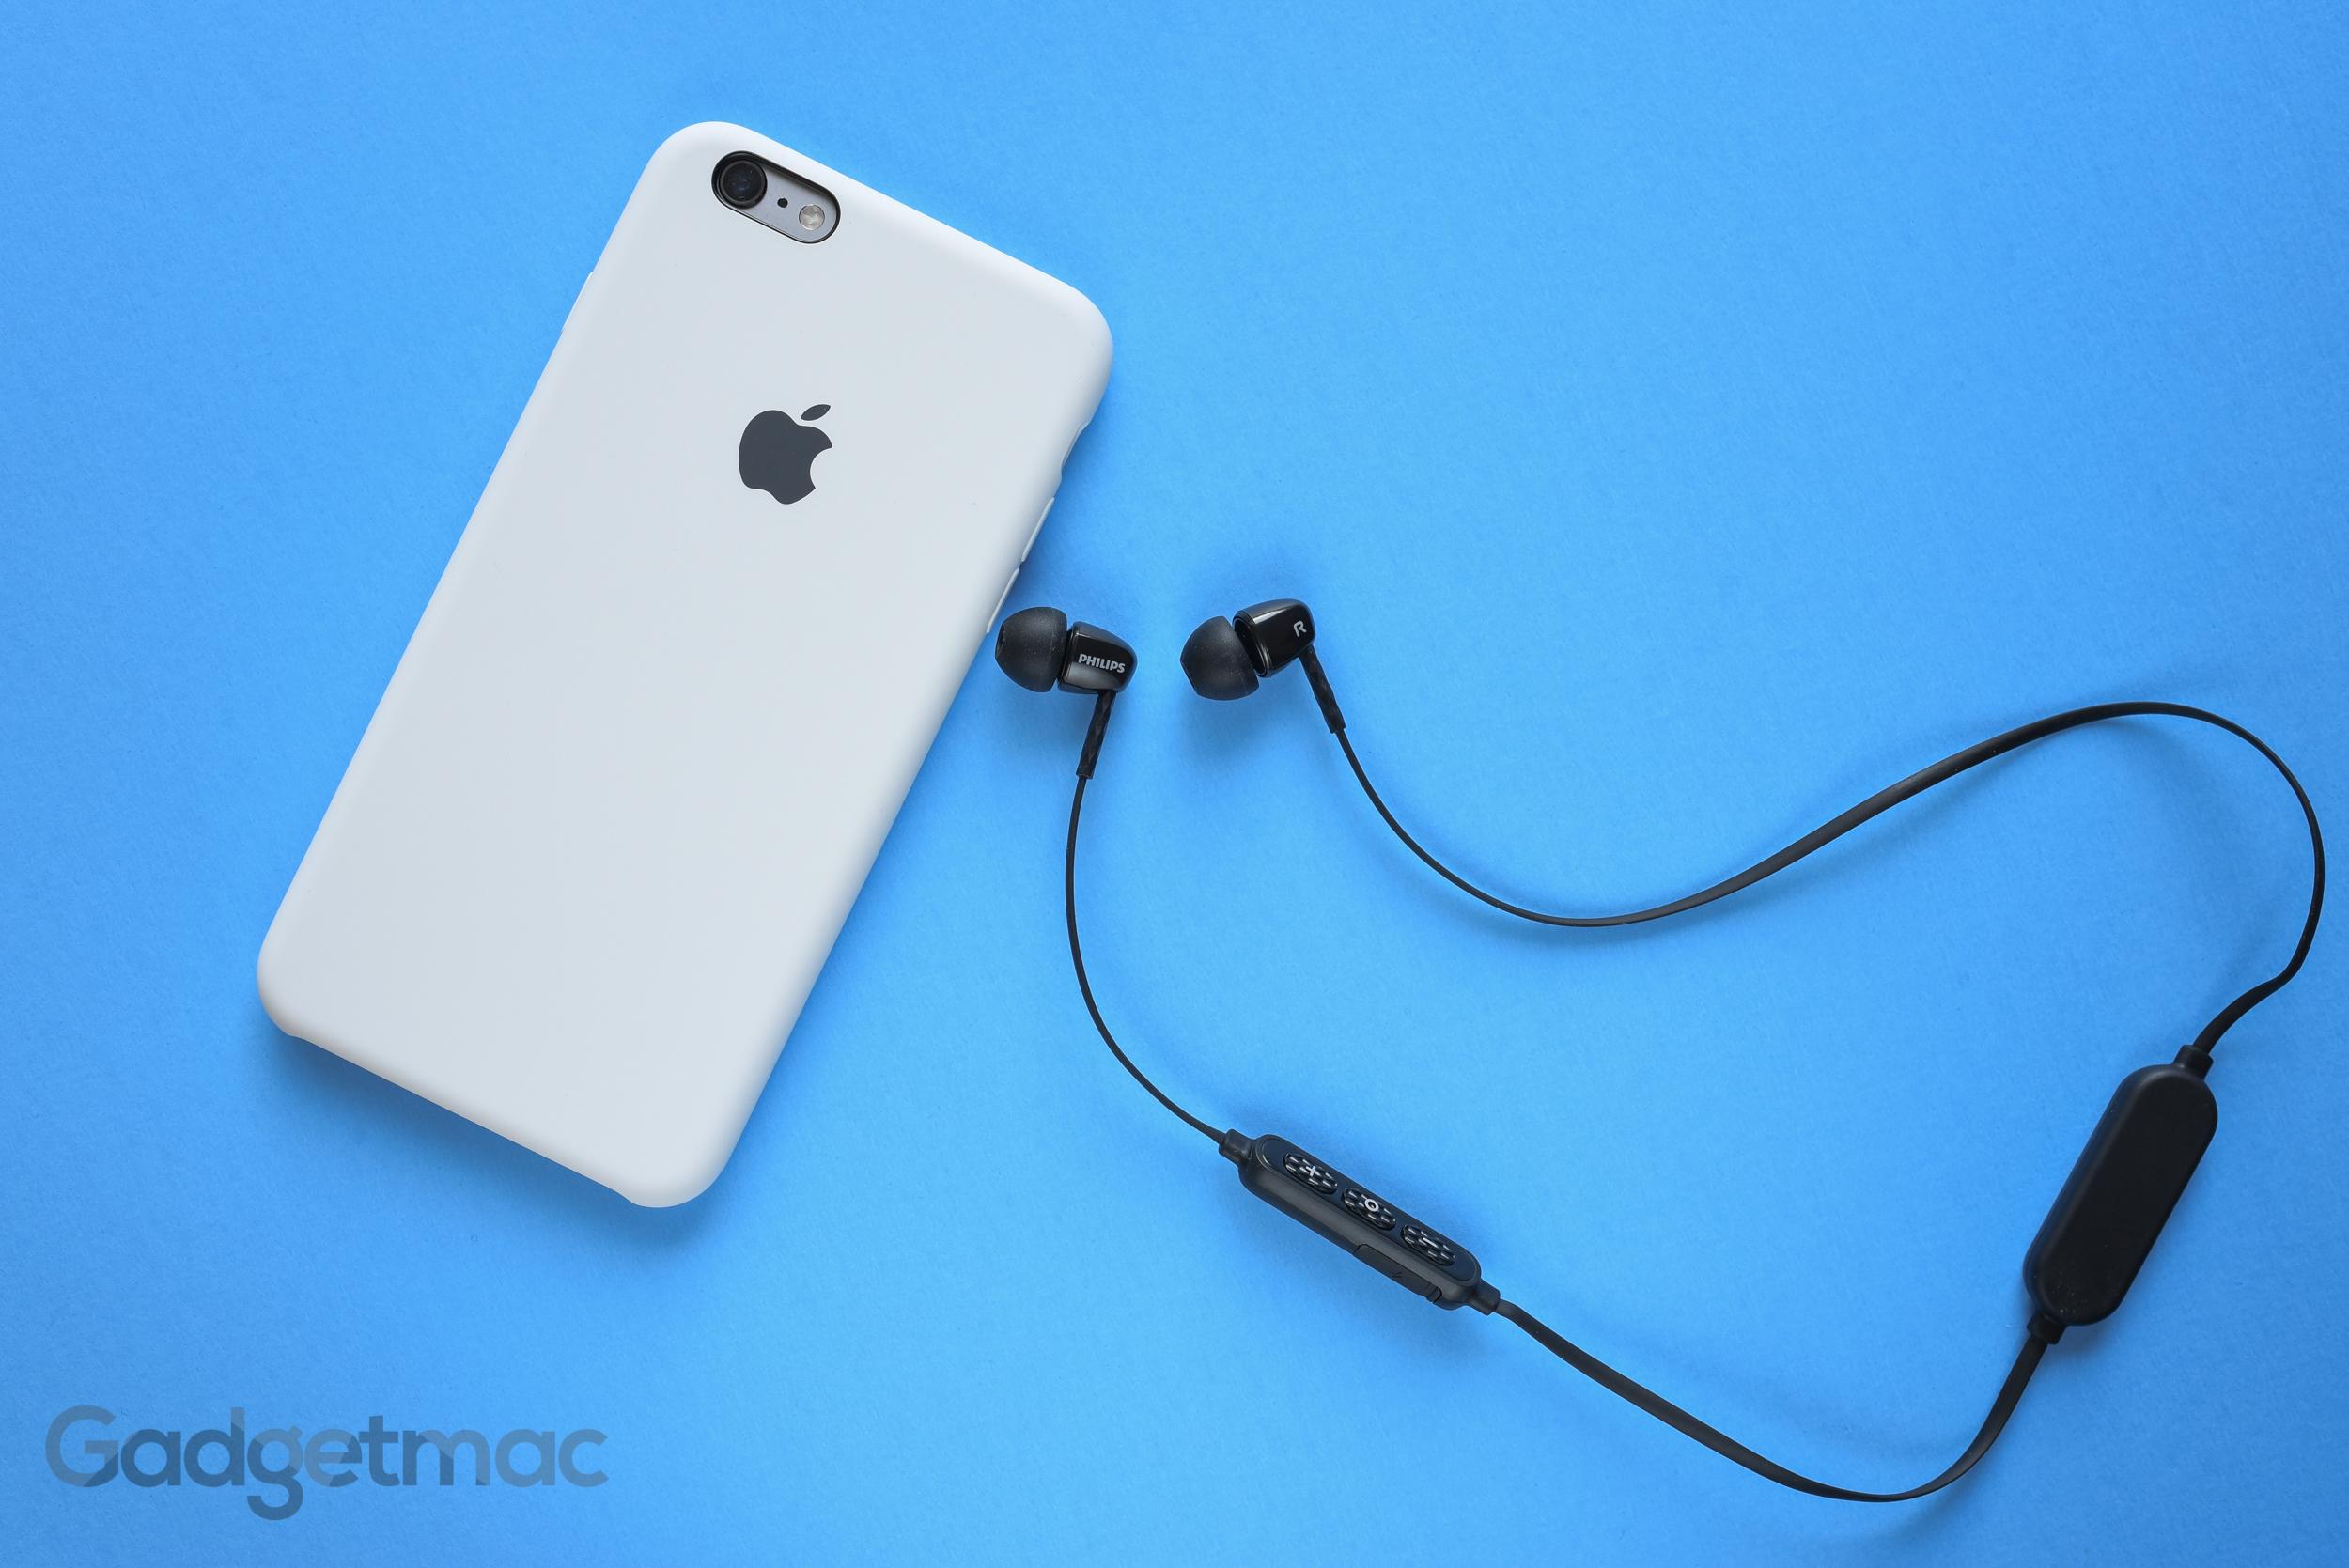 philips-shb5850-wireless-in-ear-headphones-2.jpg